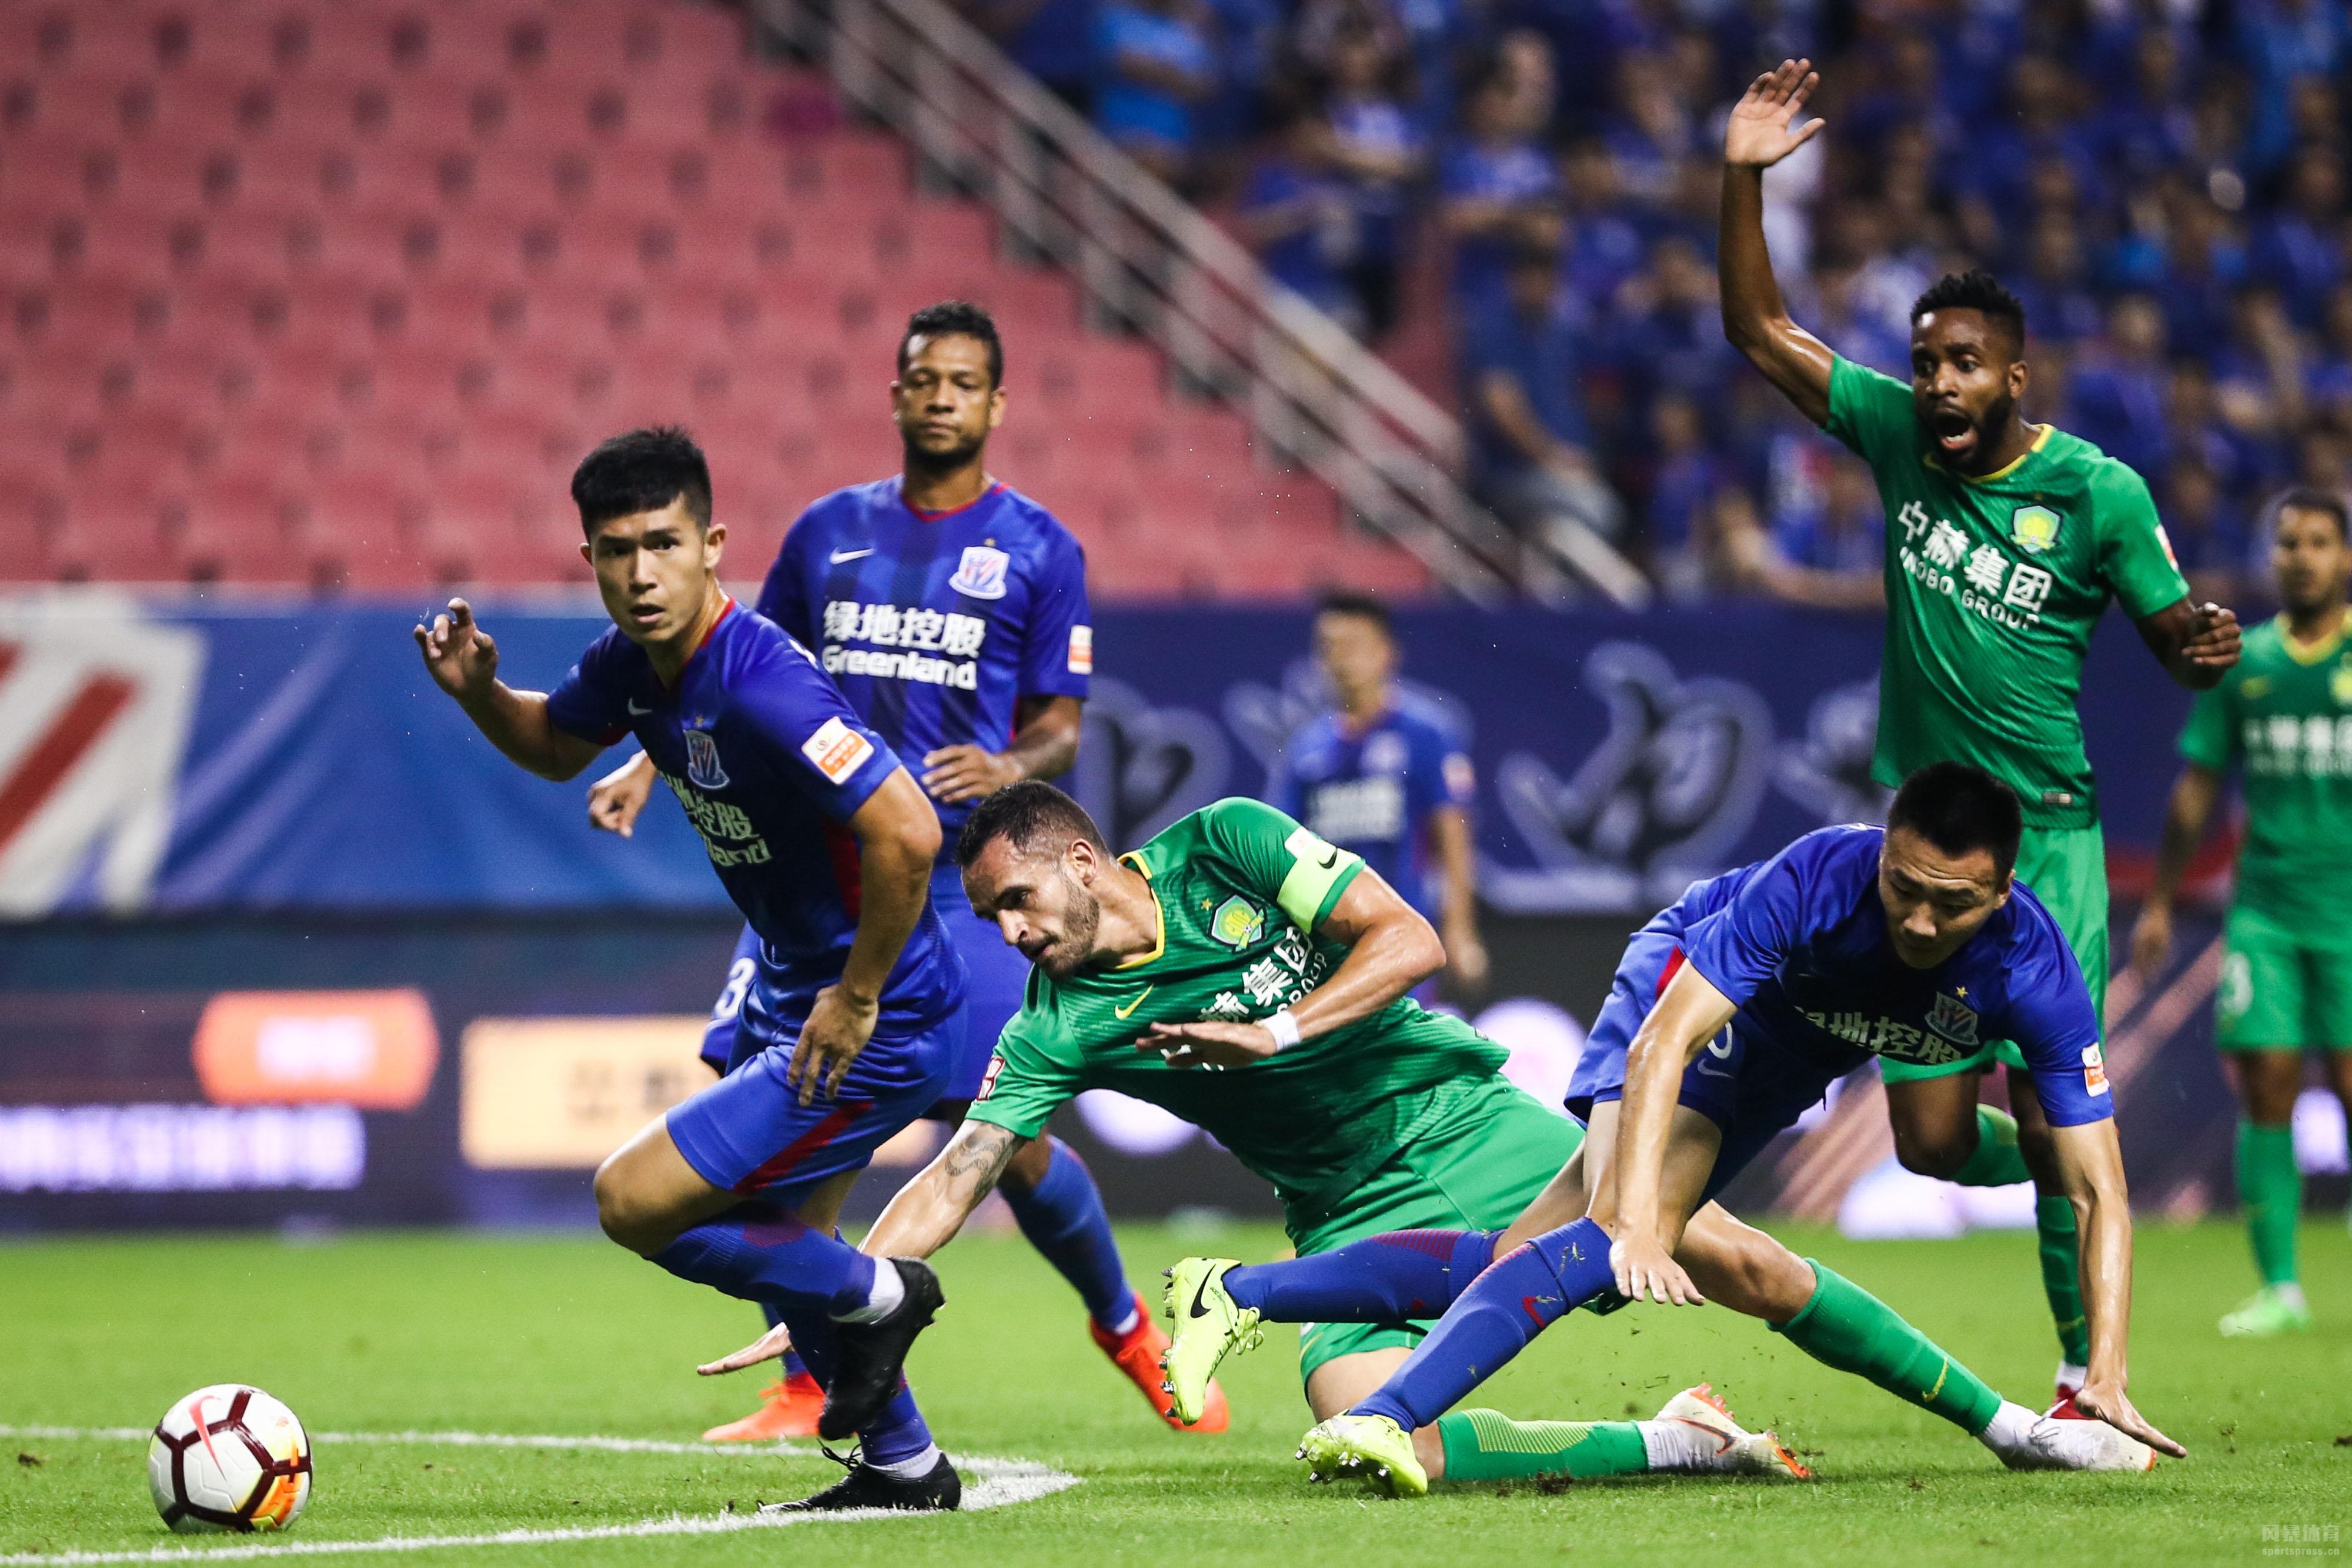 北京时间今晚20:00,中超联赛第14轮,上海申花在主场对阵北京国安。上半场,凭借奥古斯托在上半场补时阶段的进球,国安客场1-0领先申花。下半场,艾迪为申花扳平比分,巴坎布禁区被放倒,但VAR显示越位在先;随后巴坎布破门再度超出比分,2-1。补时阶段,韦世豪不慎自摆乌龙,最终双方2-2战平。